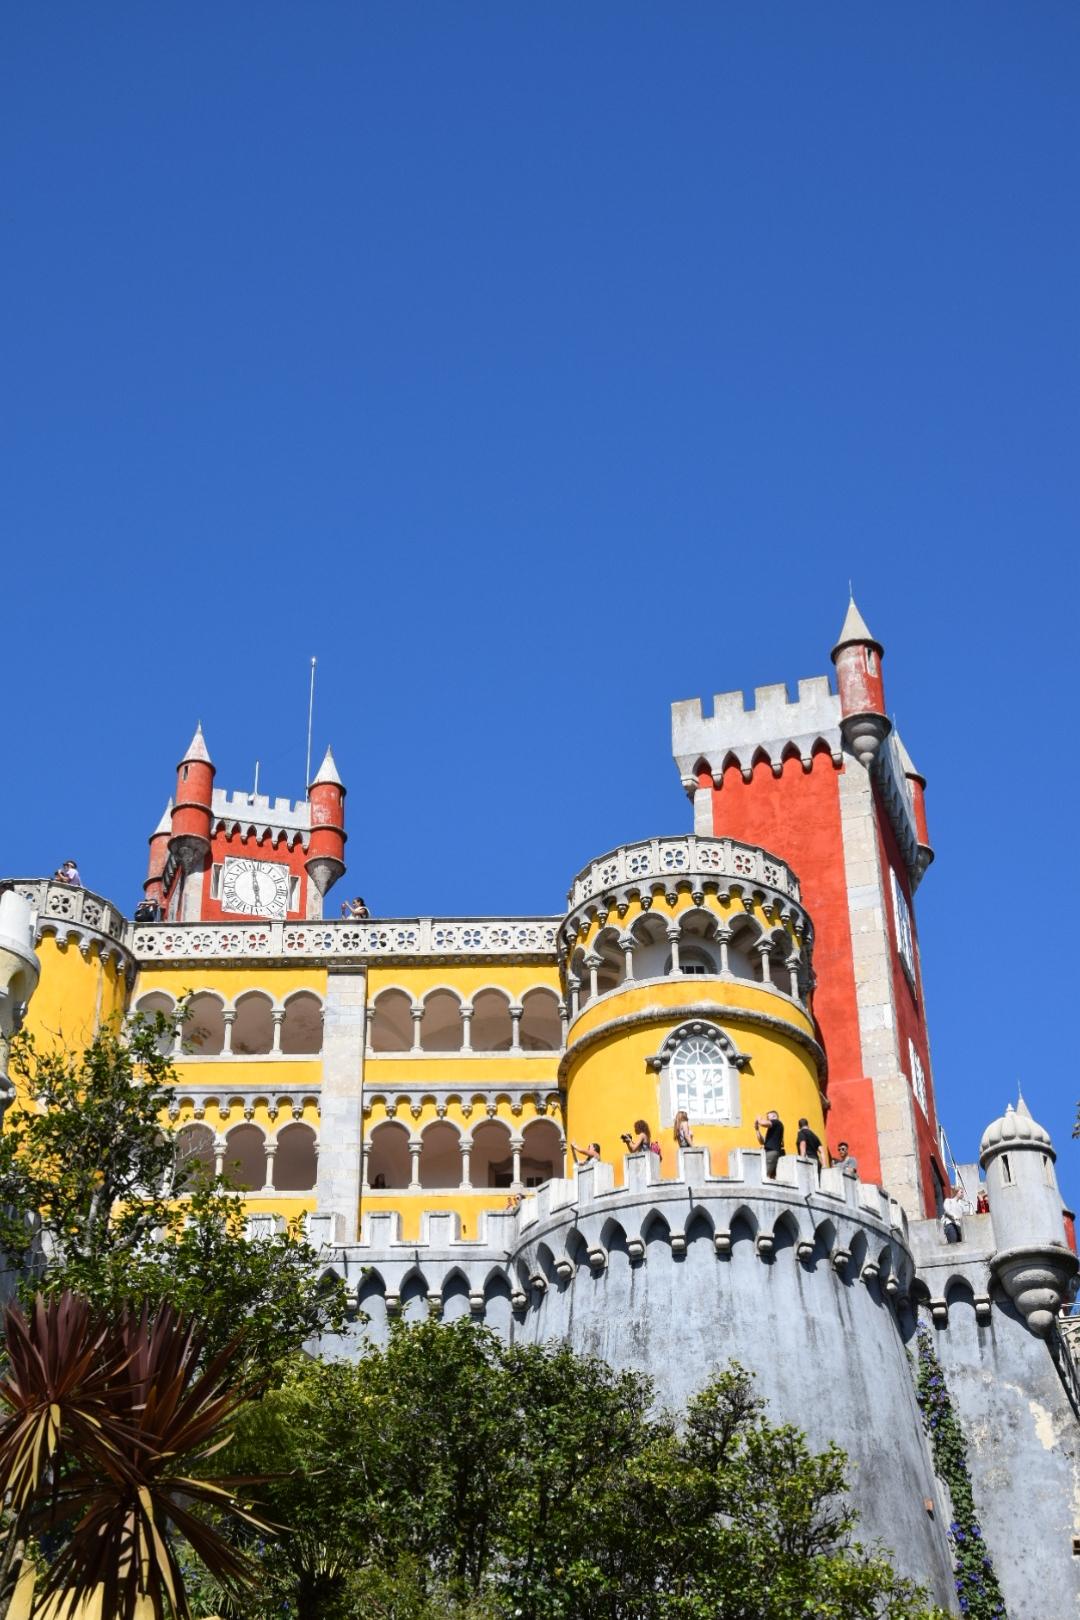 Der Palast von Sintra. Mal etwas anderes